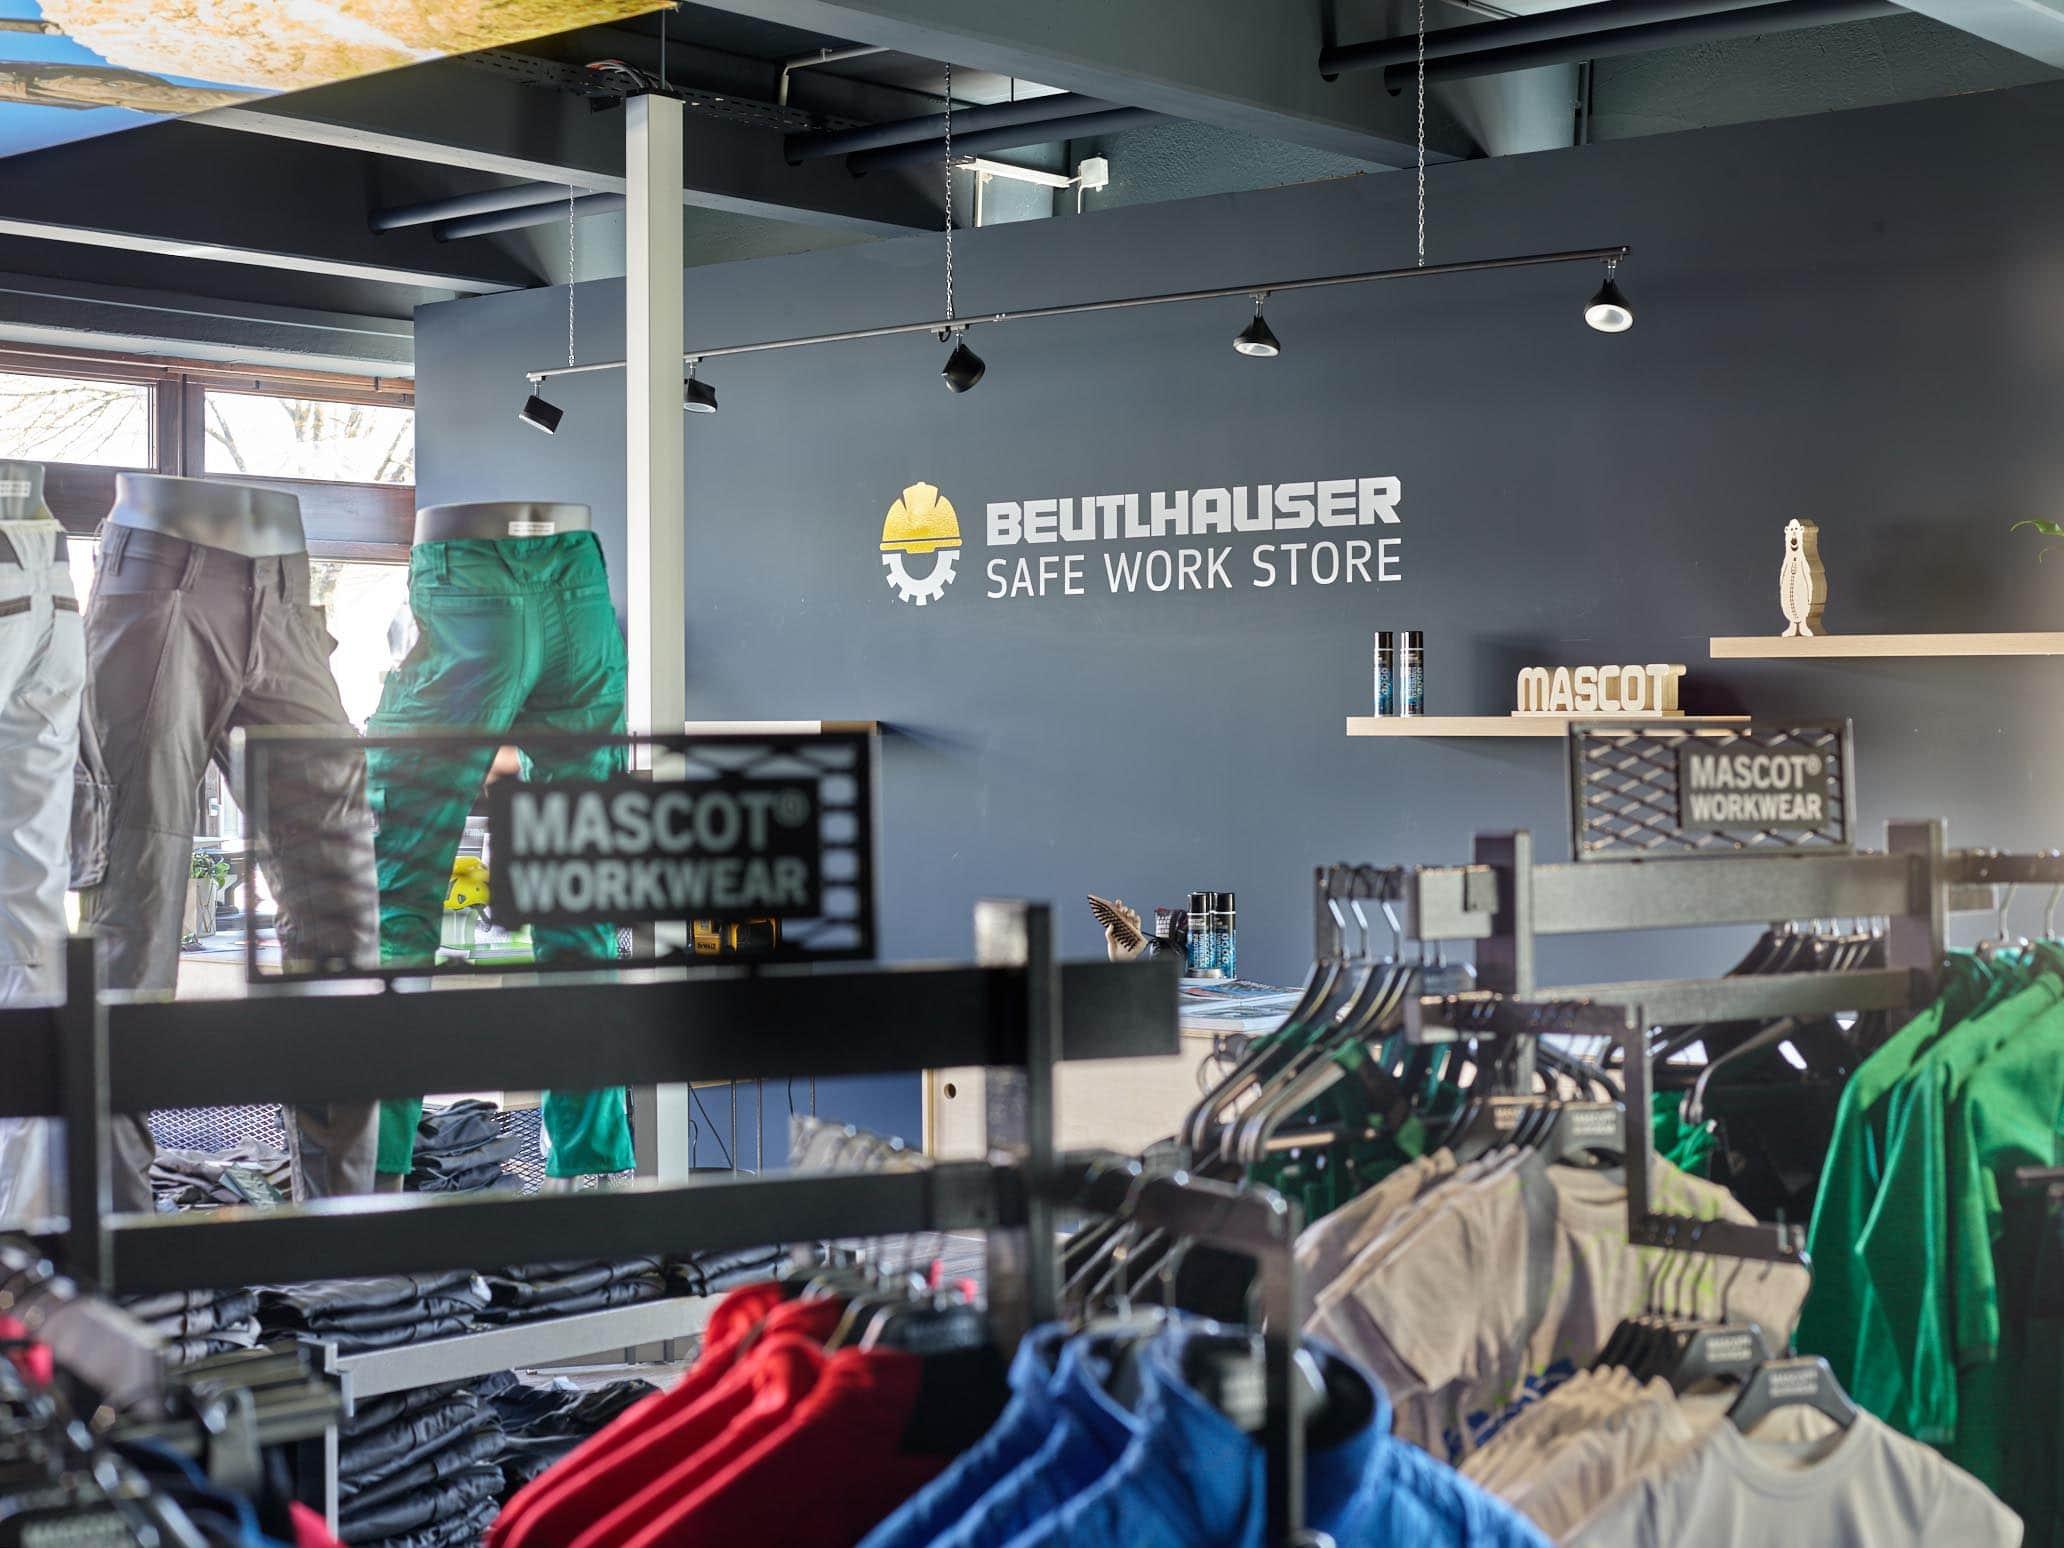 Beutlhauser: Spezialist für Arbeitskleidung im Gewerbepark Regensburg Safe Work Store überzeugt mit einem breitgefächertem Sortiment